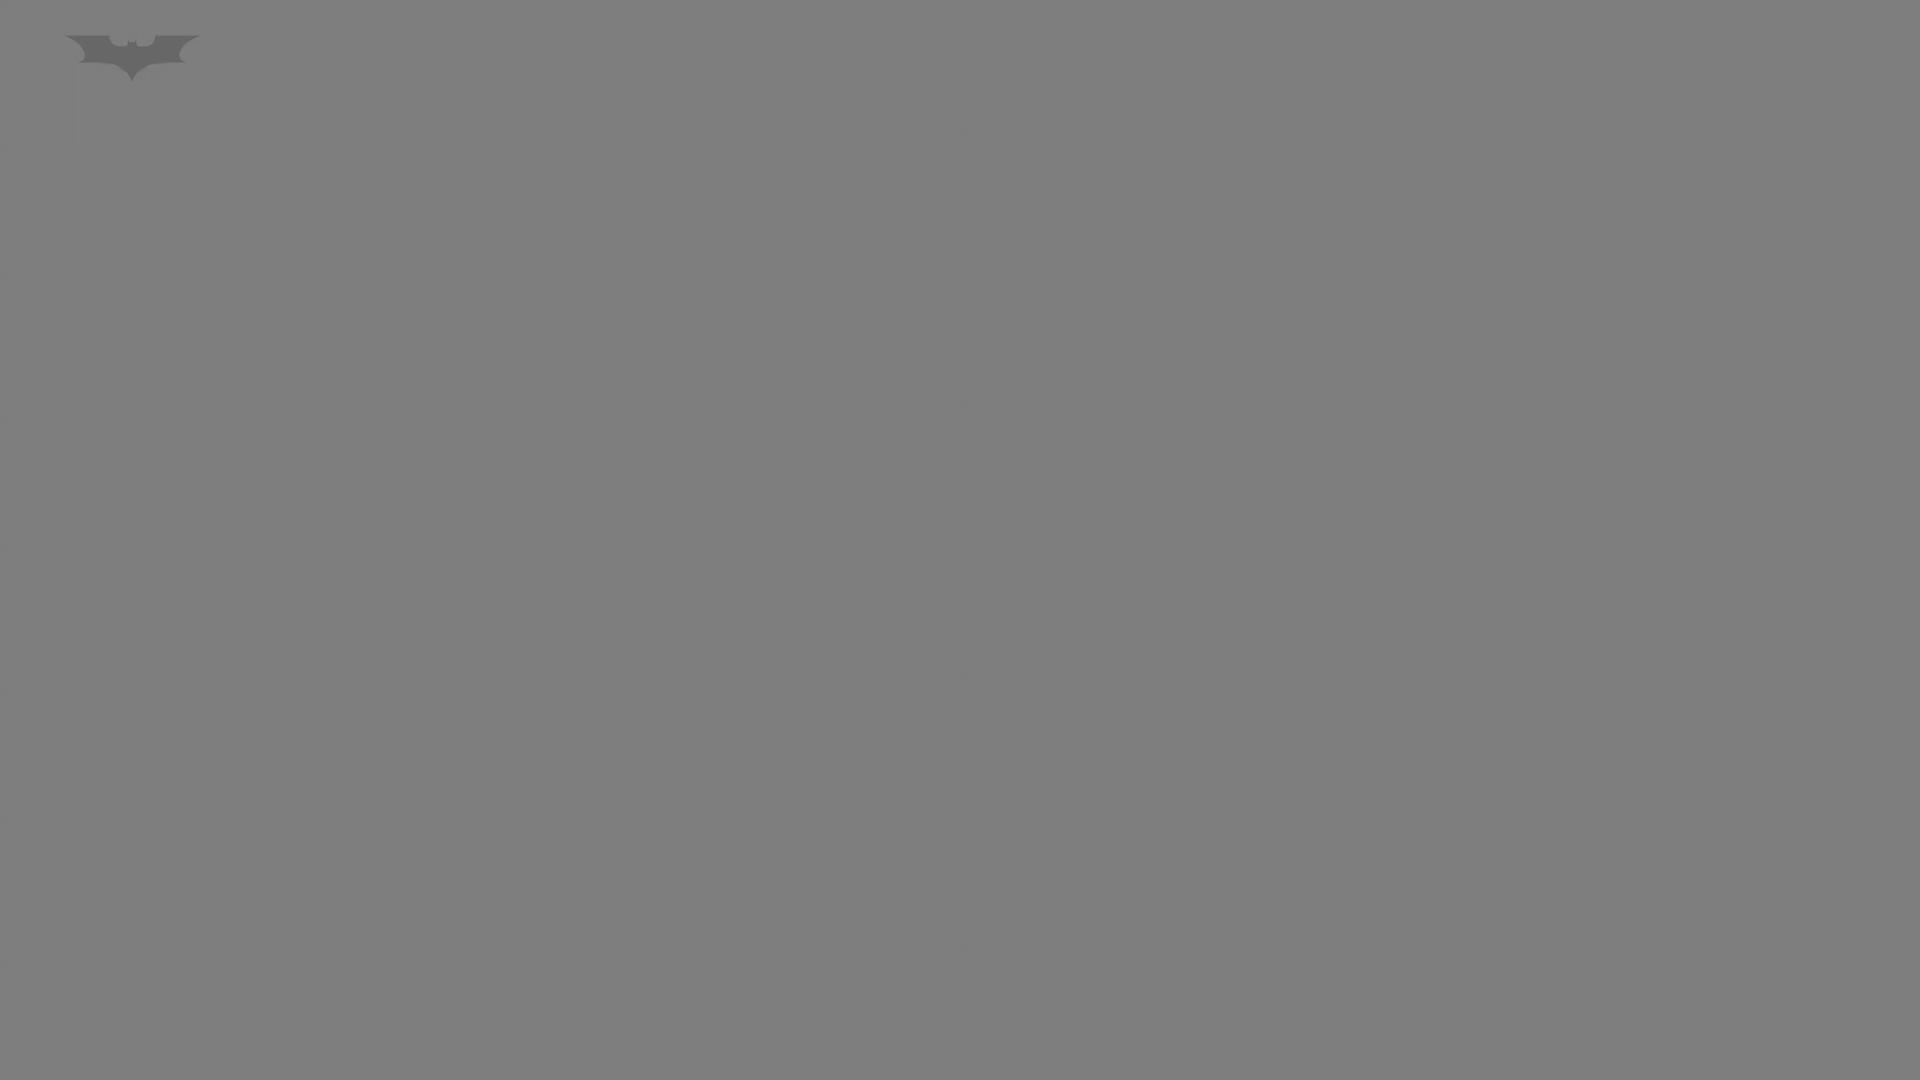 美しい日本の未来 No.17 番外編 ※※※閲覧注意※※※ ギャル盗撮映像 | 盗撮  57PIX 37